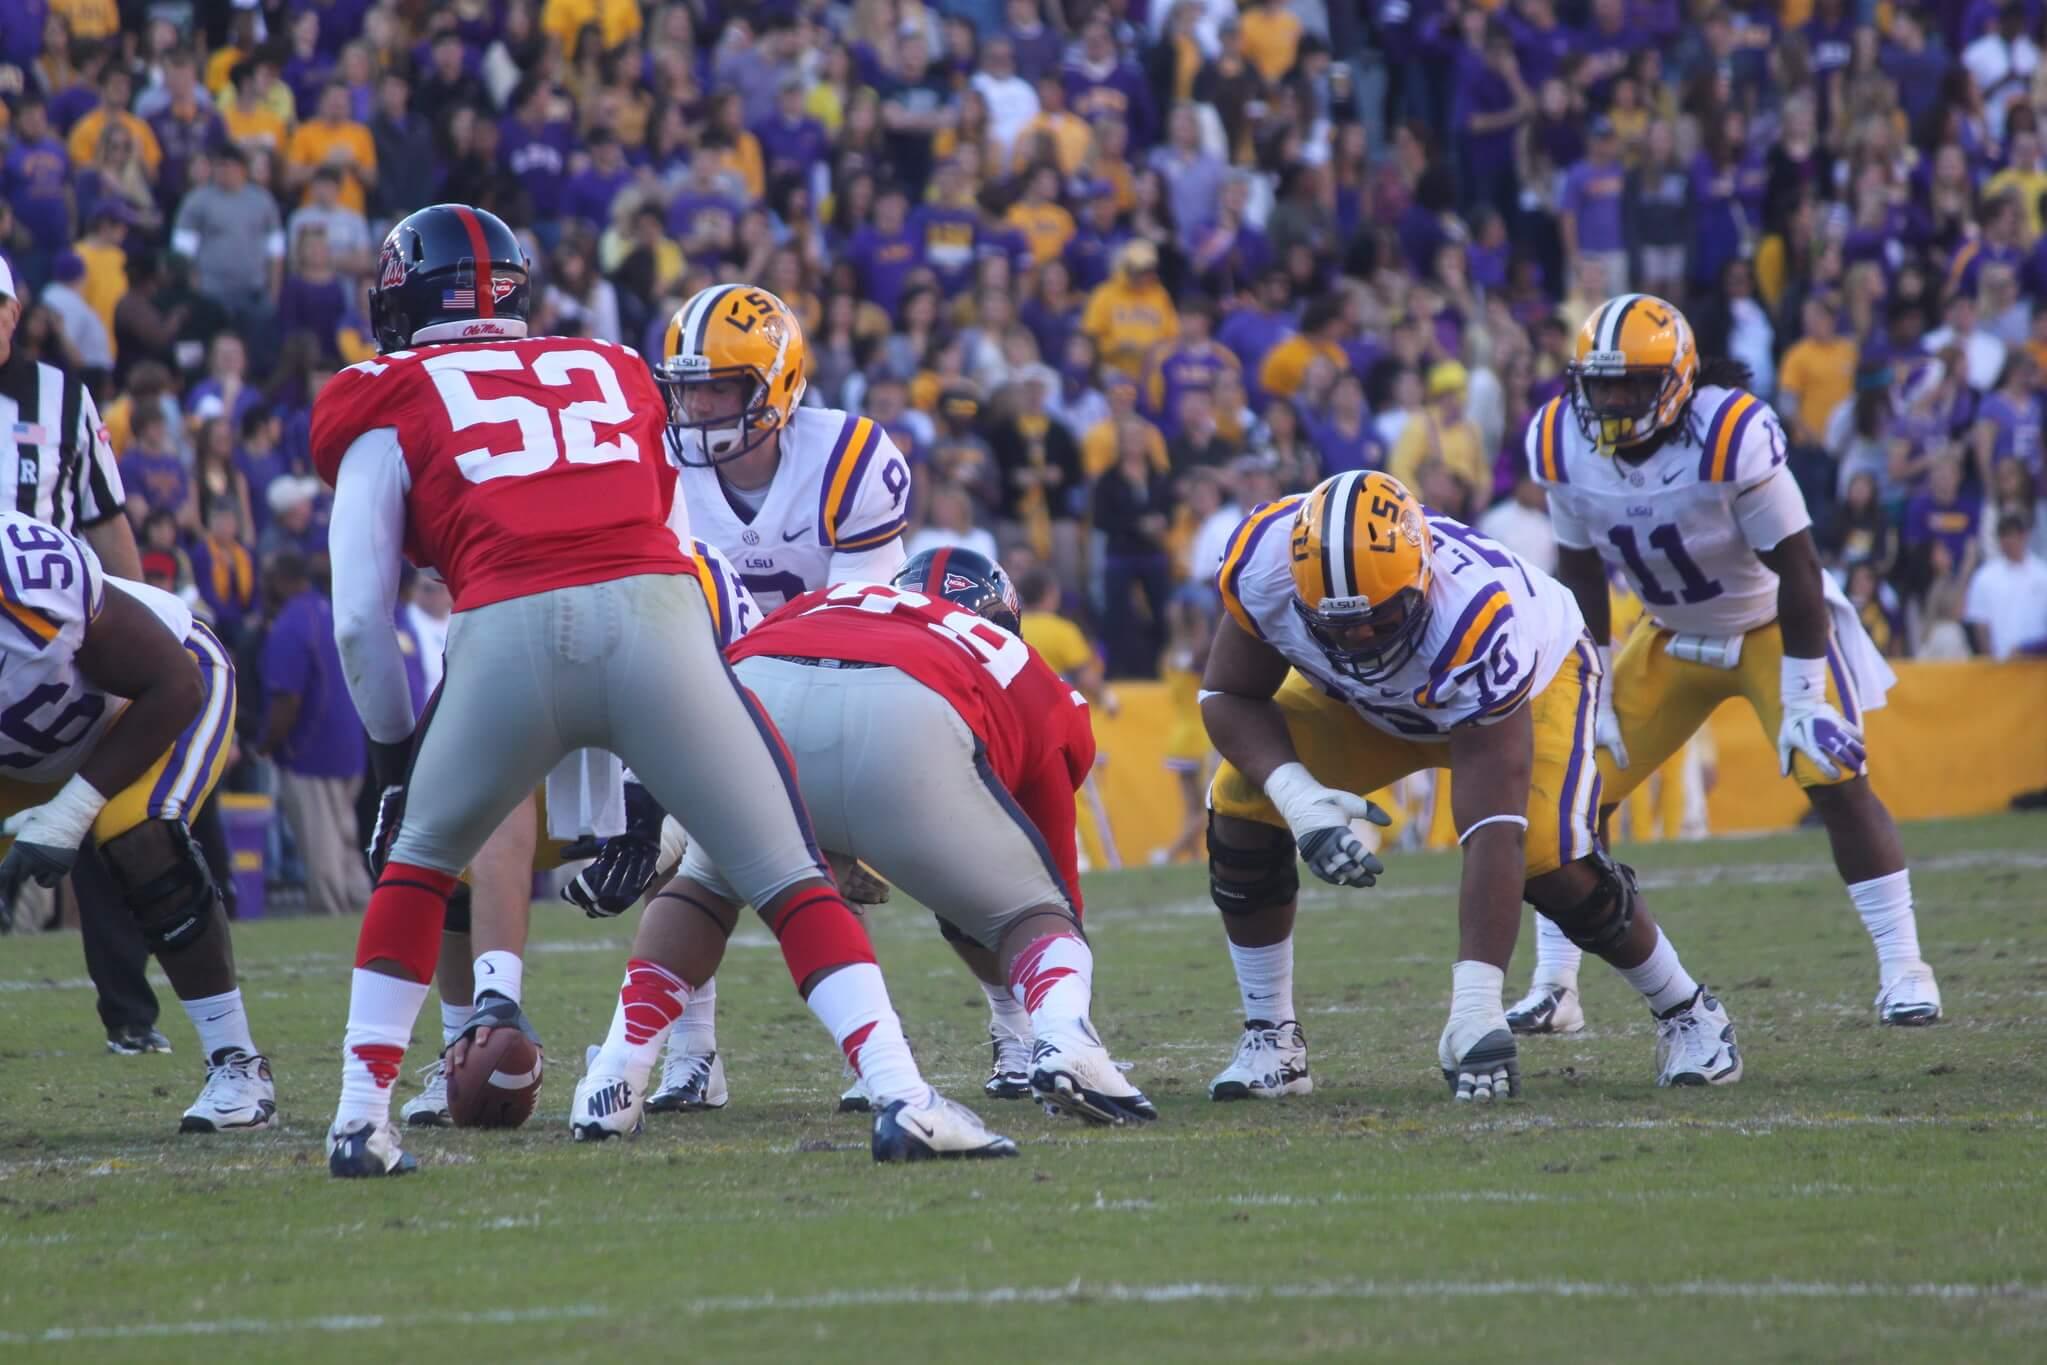 LSU vs Ole Miss Magnolia Bowl rivalry